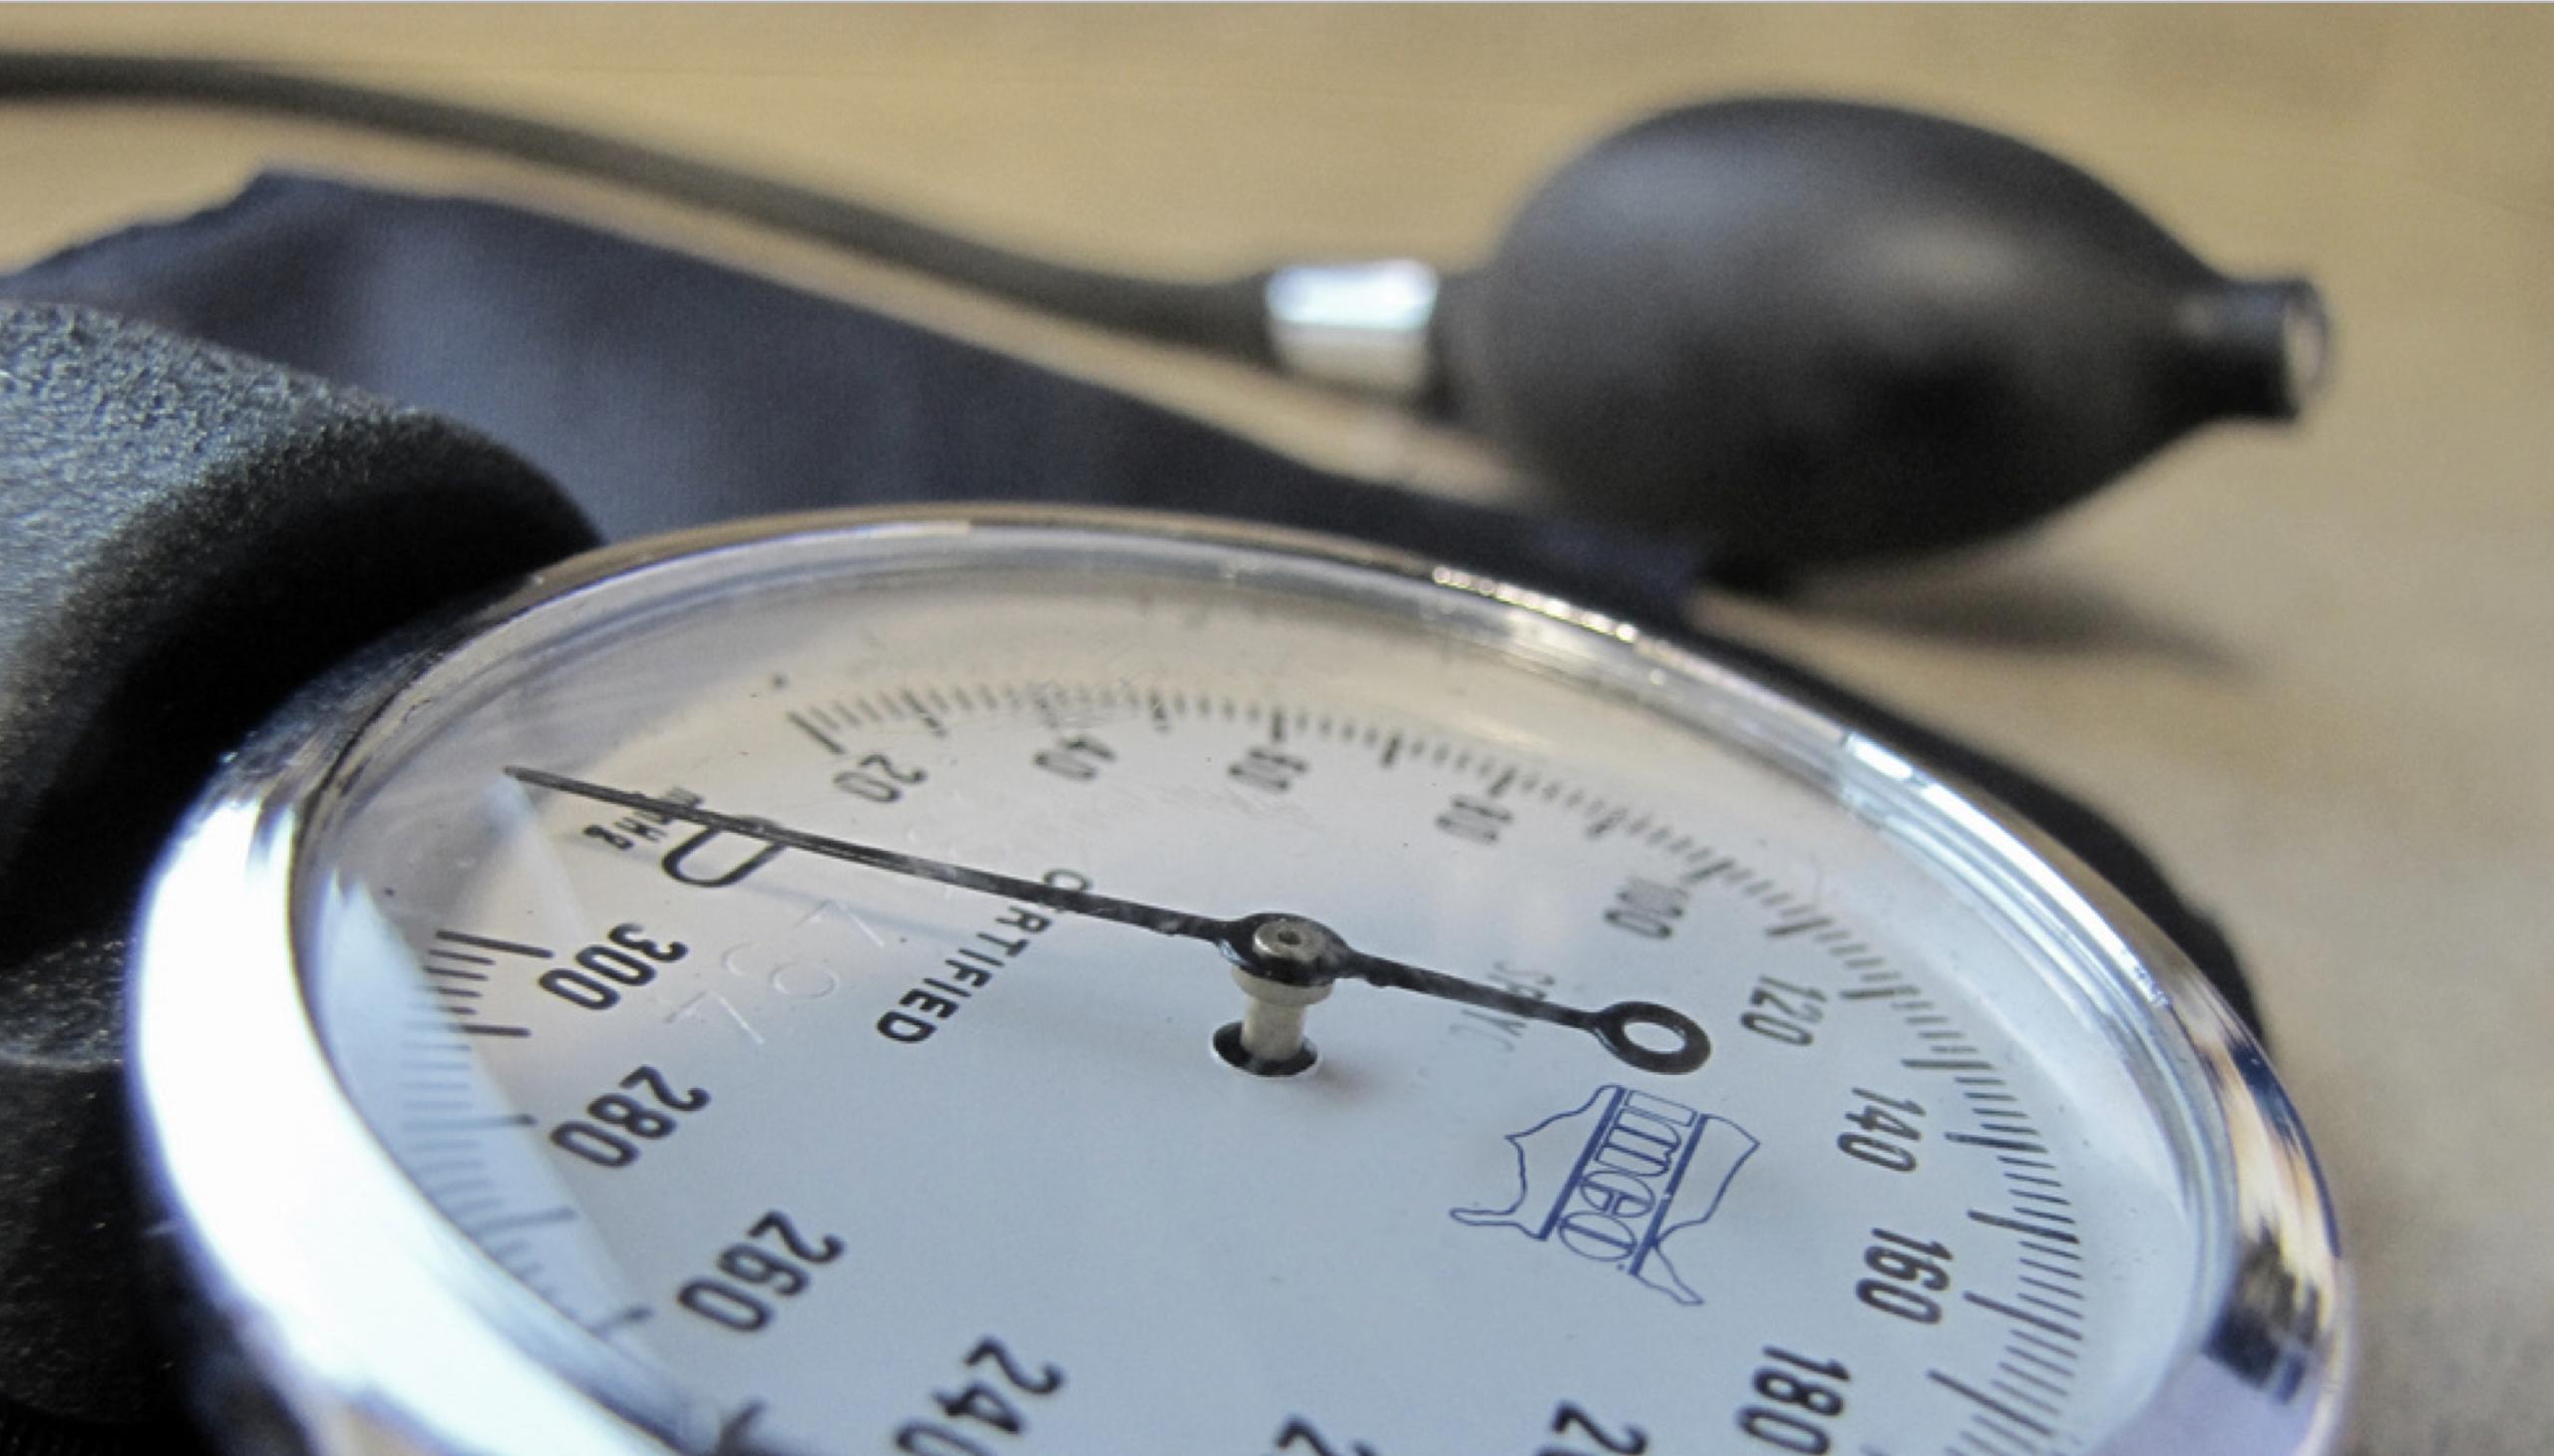 Hypo ou hypertension les risques sont les mêmes - Maladies ...